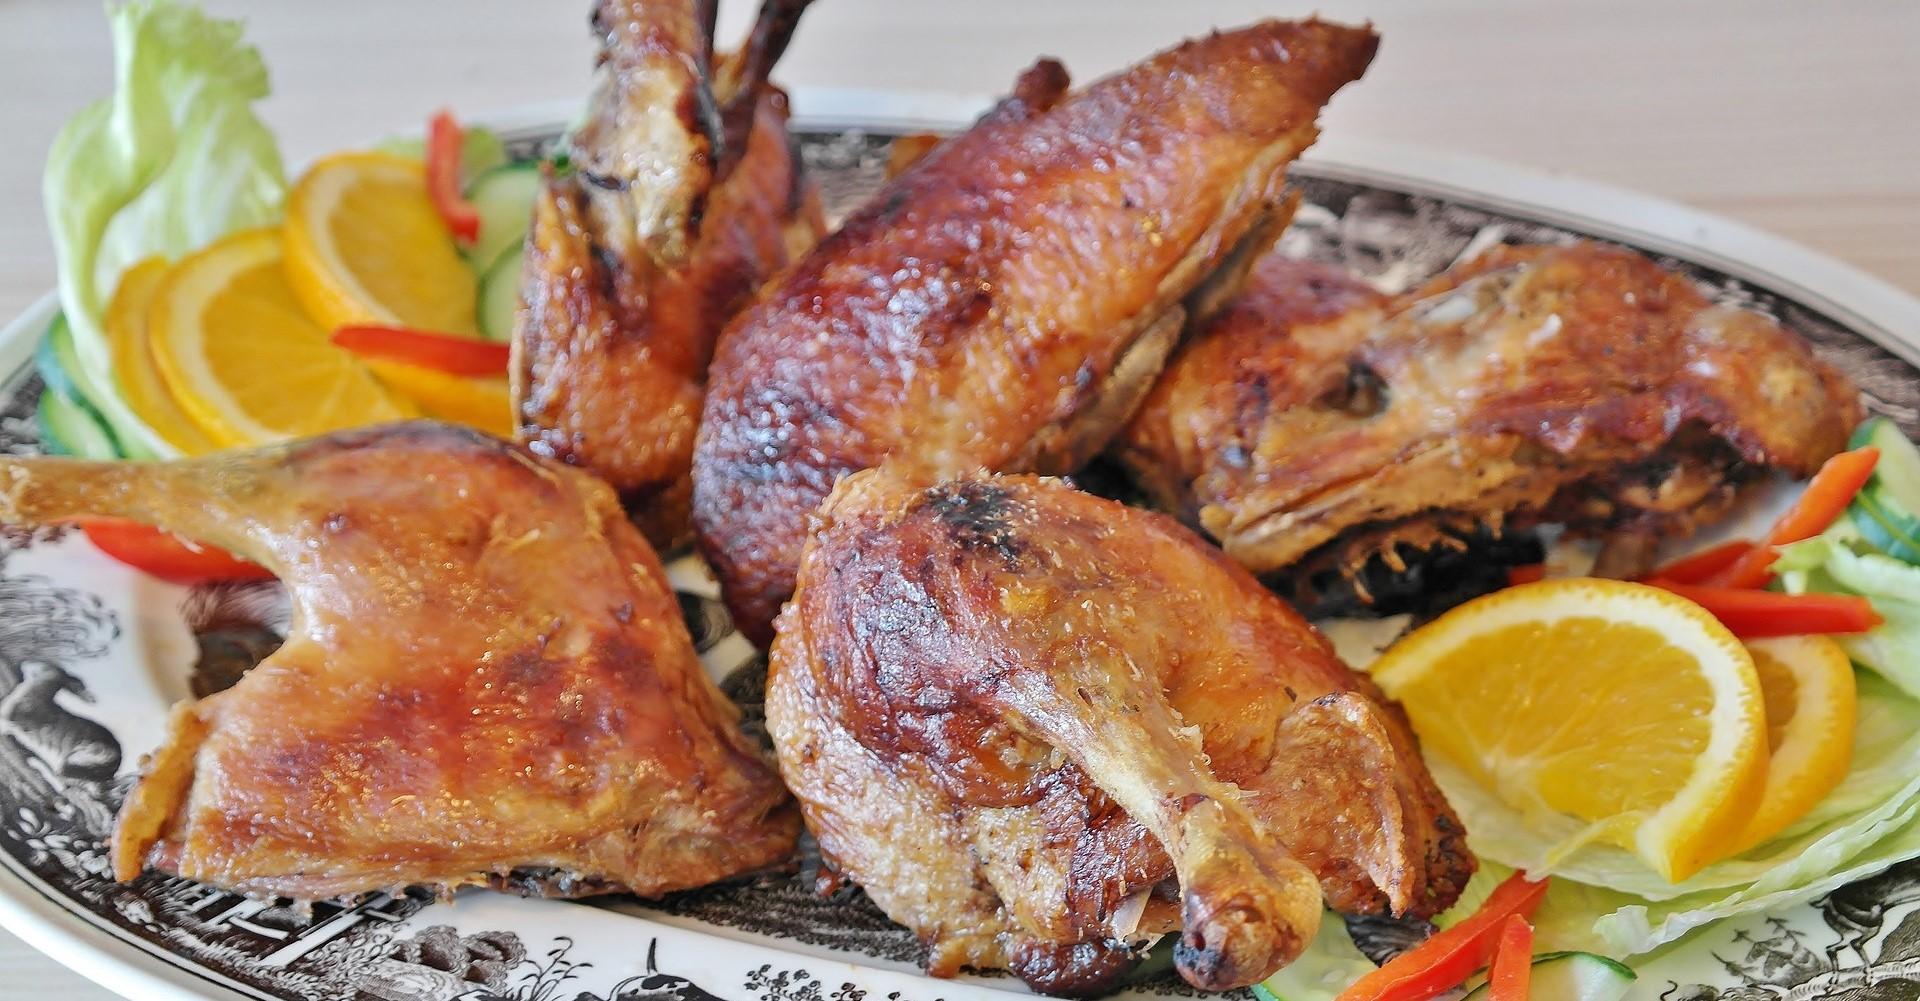 Фото - Секреты кулинарии: как превратить утиную тушку в шикарное блюдо